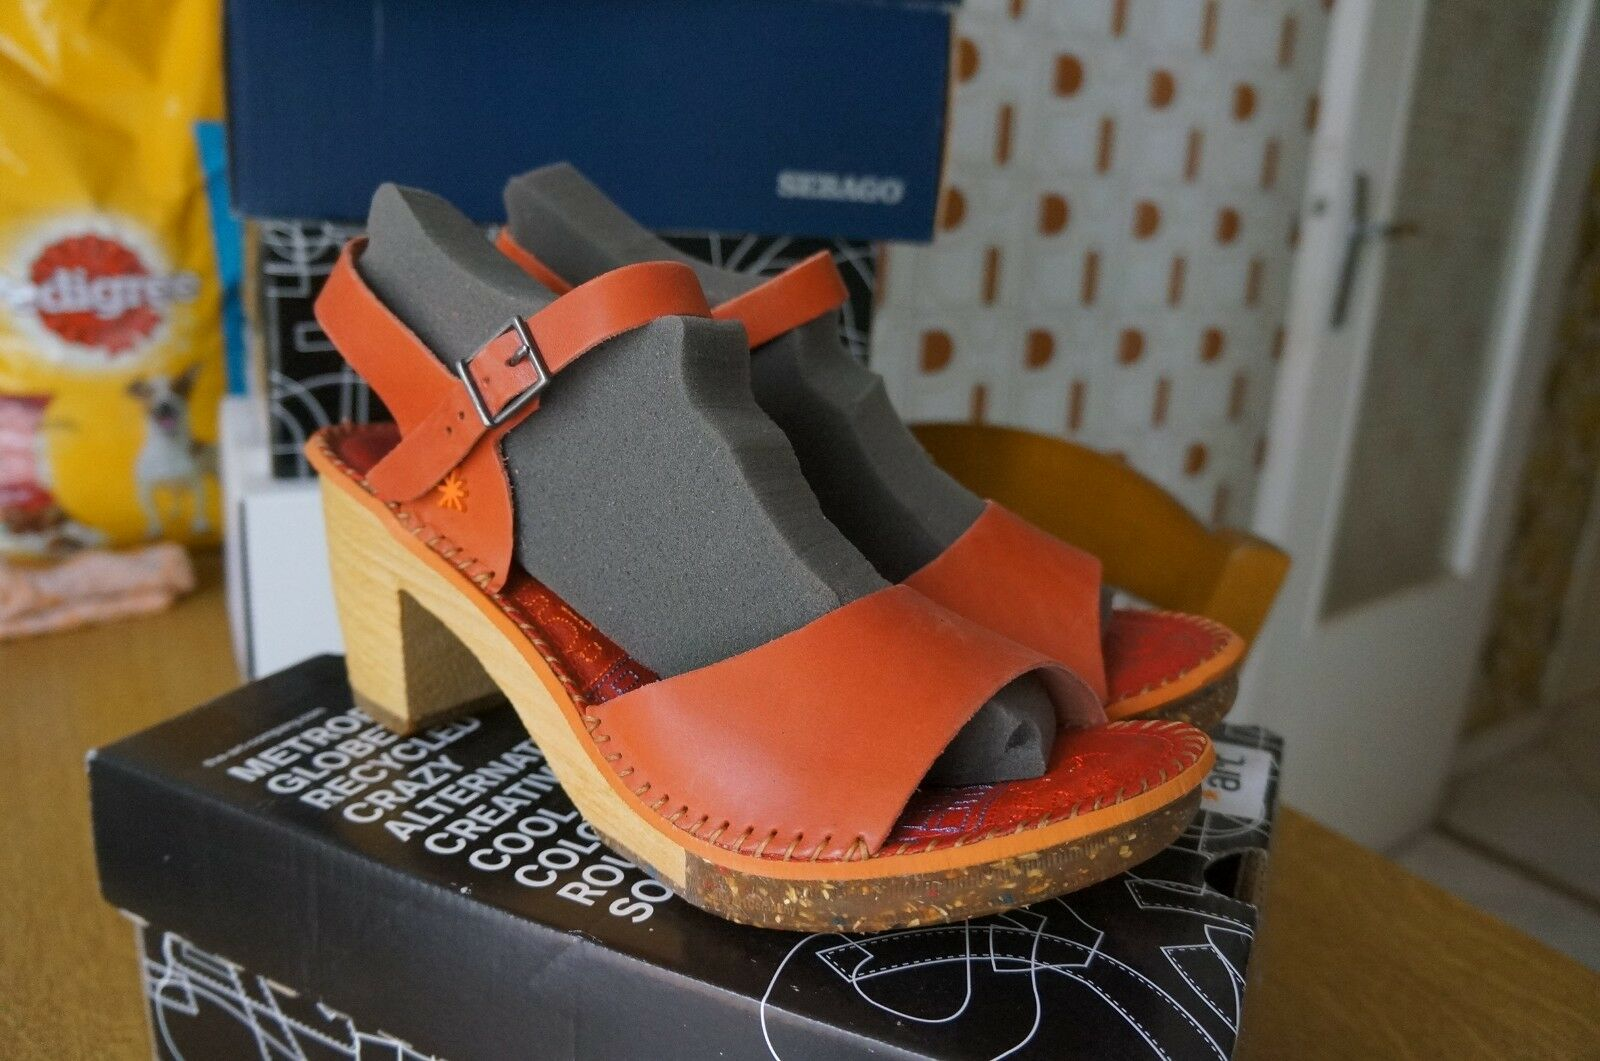 ART 0325 Mojave Amsterdam Sandali con cinturino alla caviglia femmes,  42 EU-